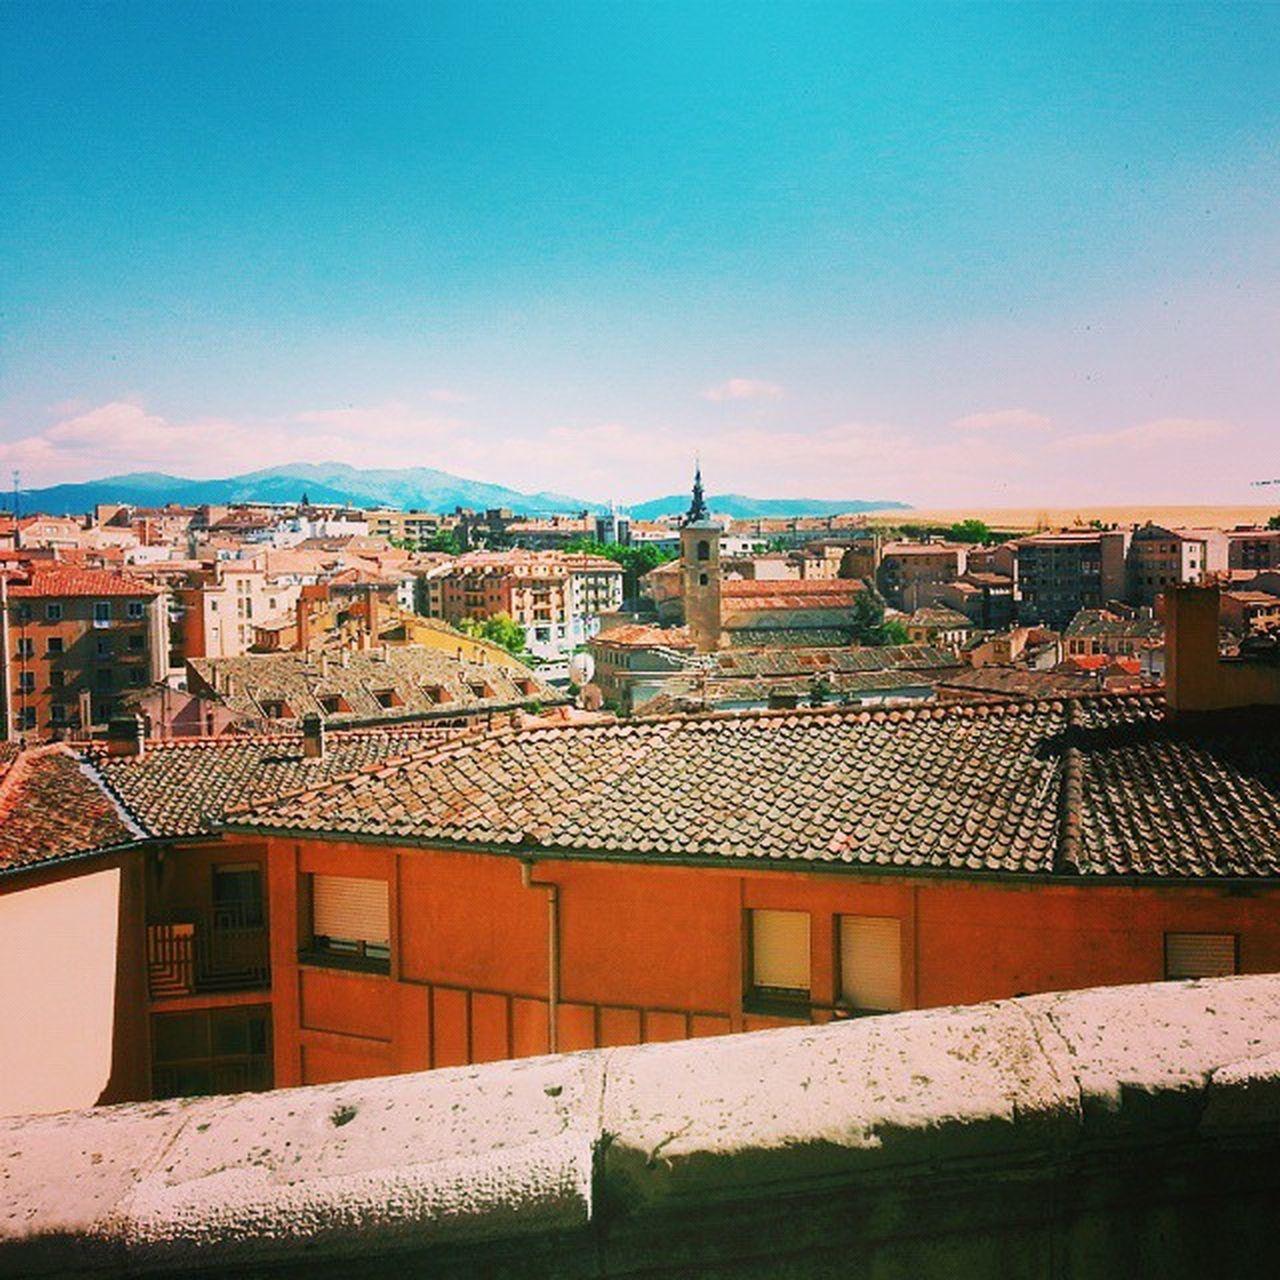 Welcome to Segovia Vscocam Vscospain Segovia Goingtoieu Iexp15 City SPAIN View Sky Houses Buildings Sun Travel Fun Segovia Hot Day Inspiration